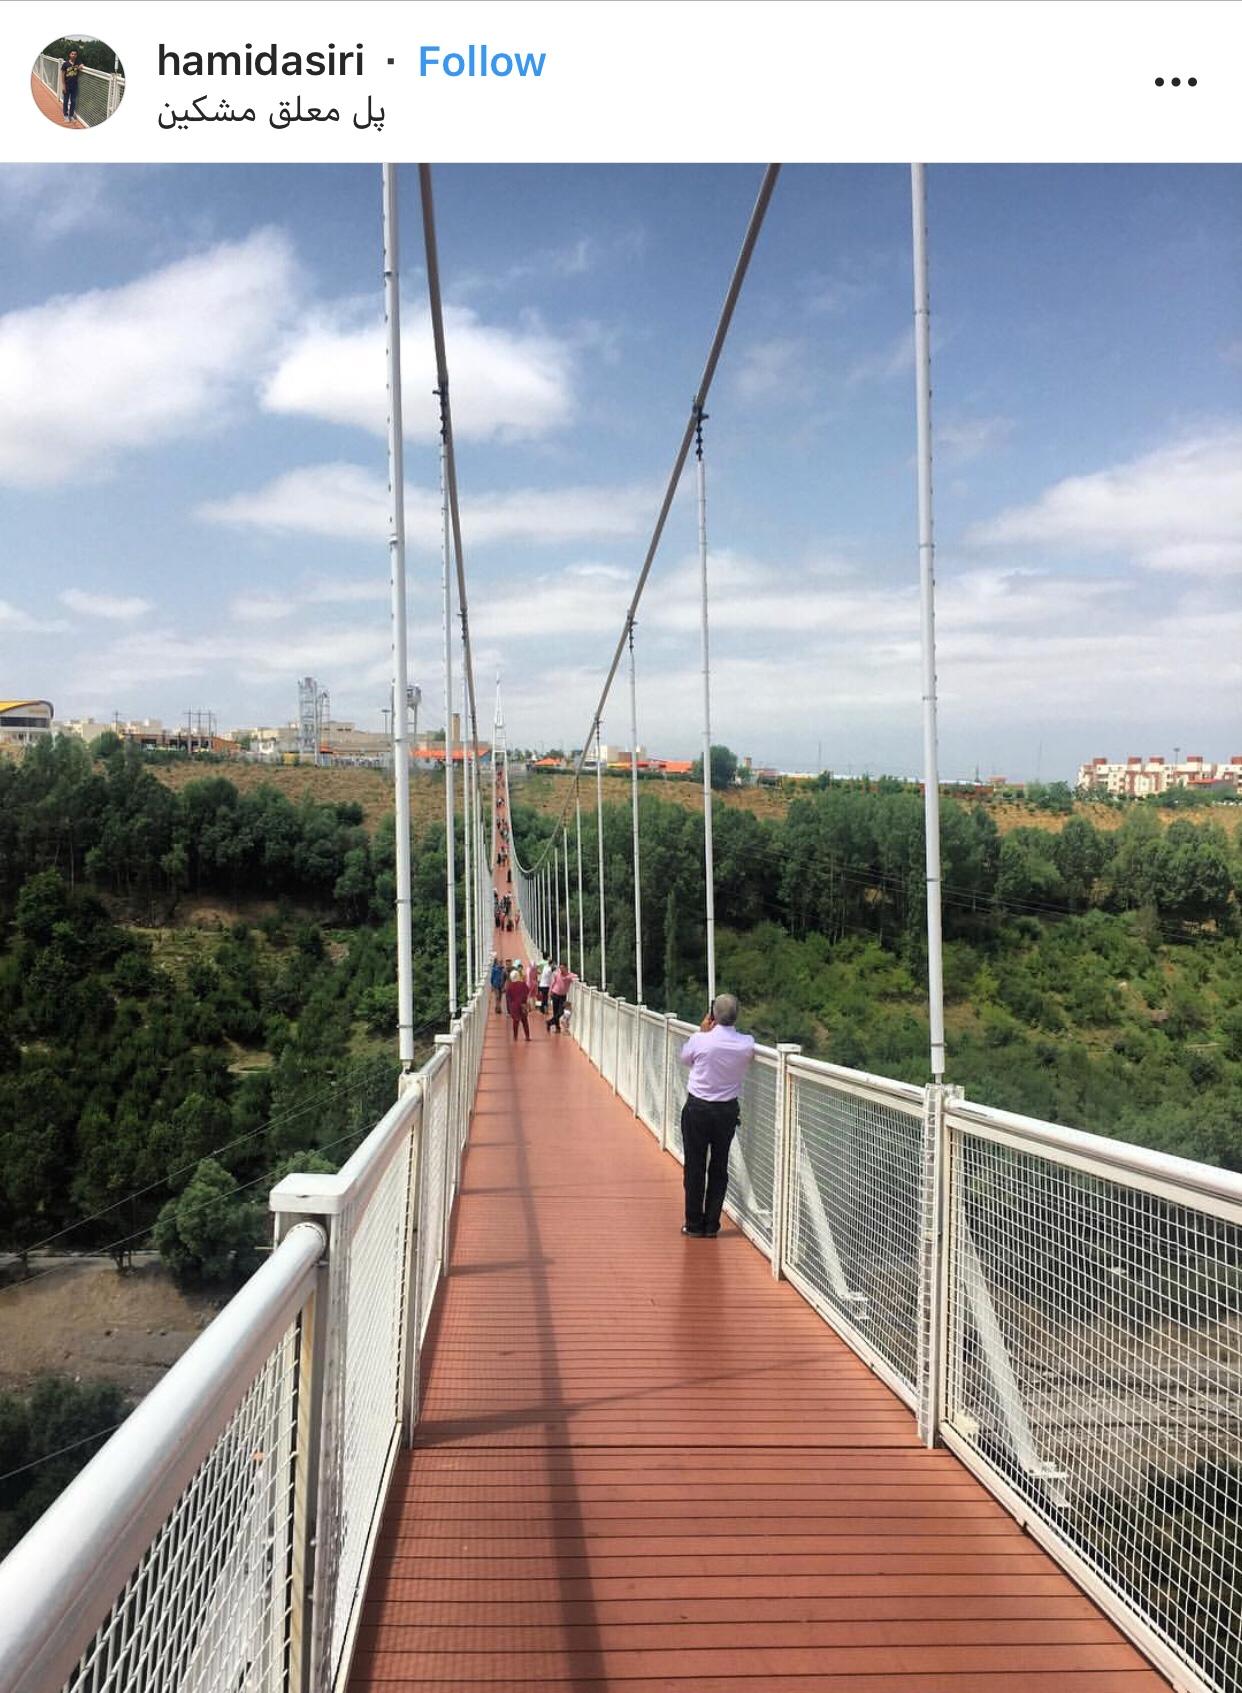 عدسة إيرانية: جسر مشكين المعلق شمالي إيران 3